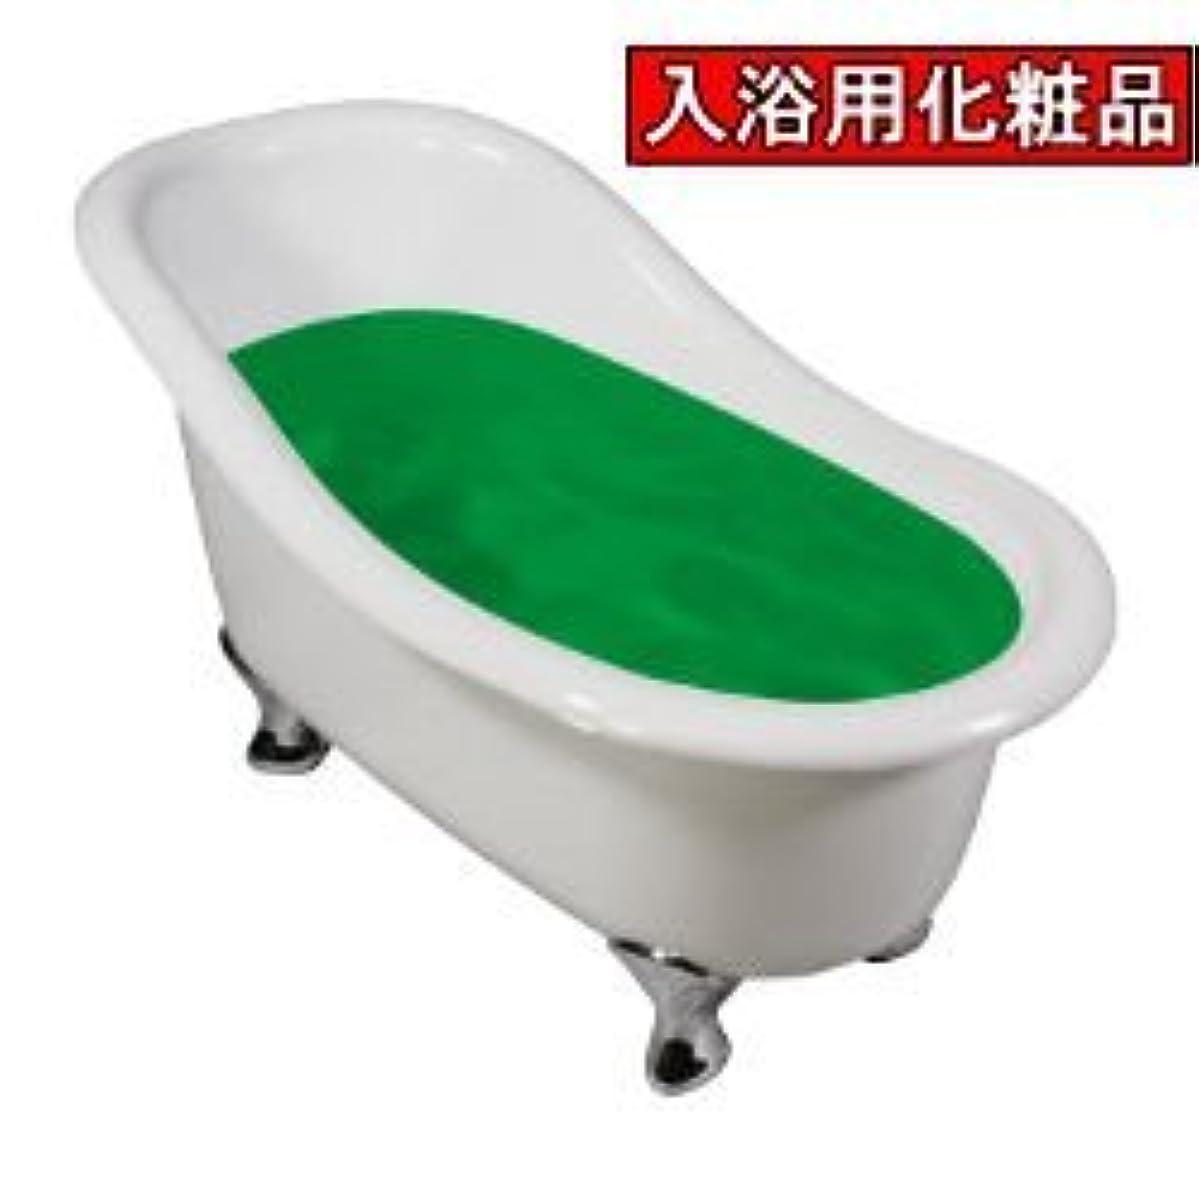 ぴかぴかシンプトン並外れた業務用入浴剤イヴタス 緑茶 17kg 業務用サイズ